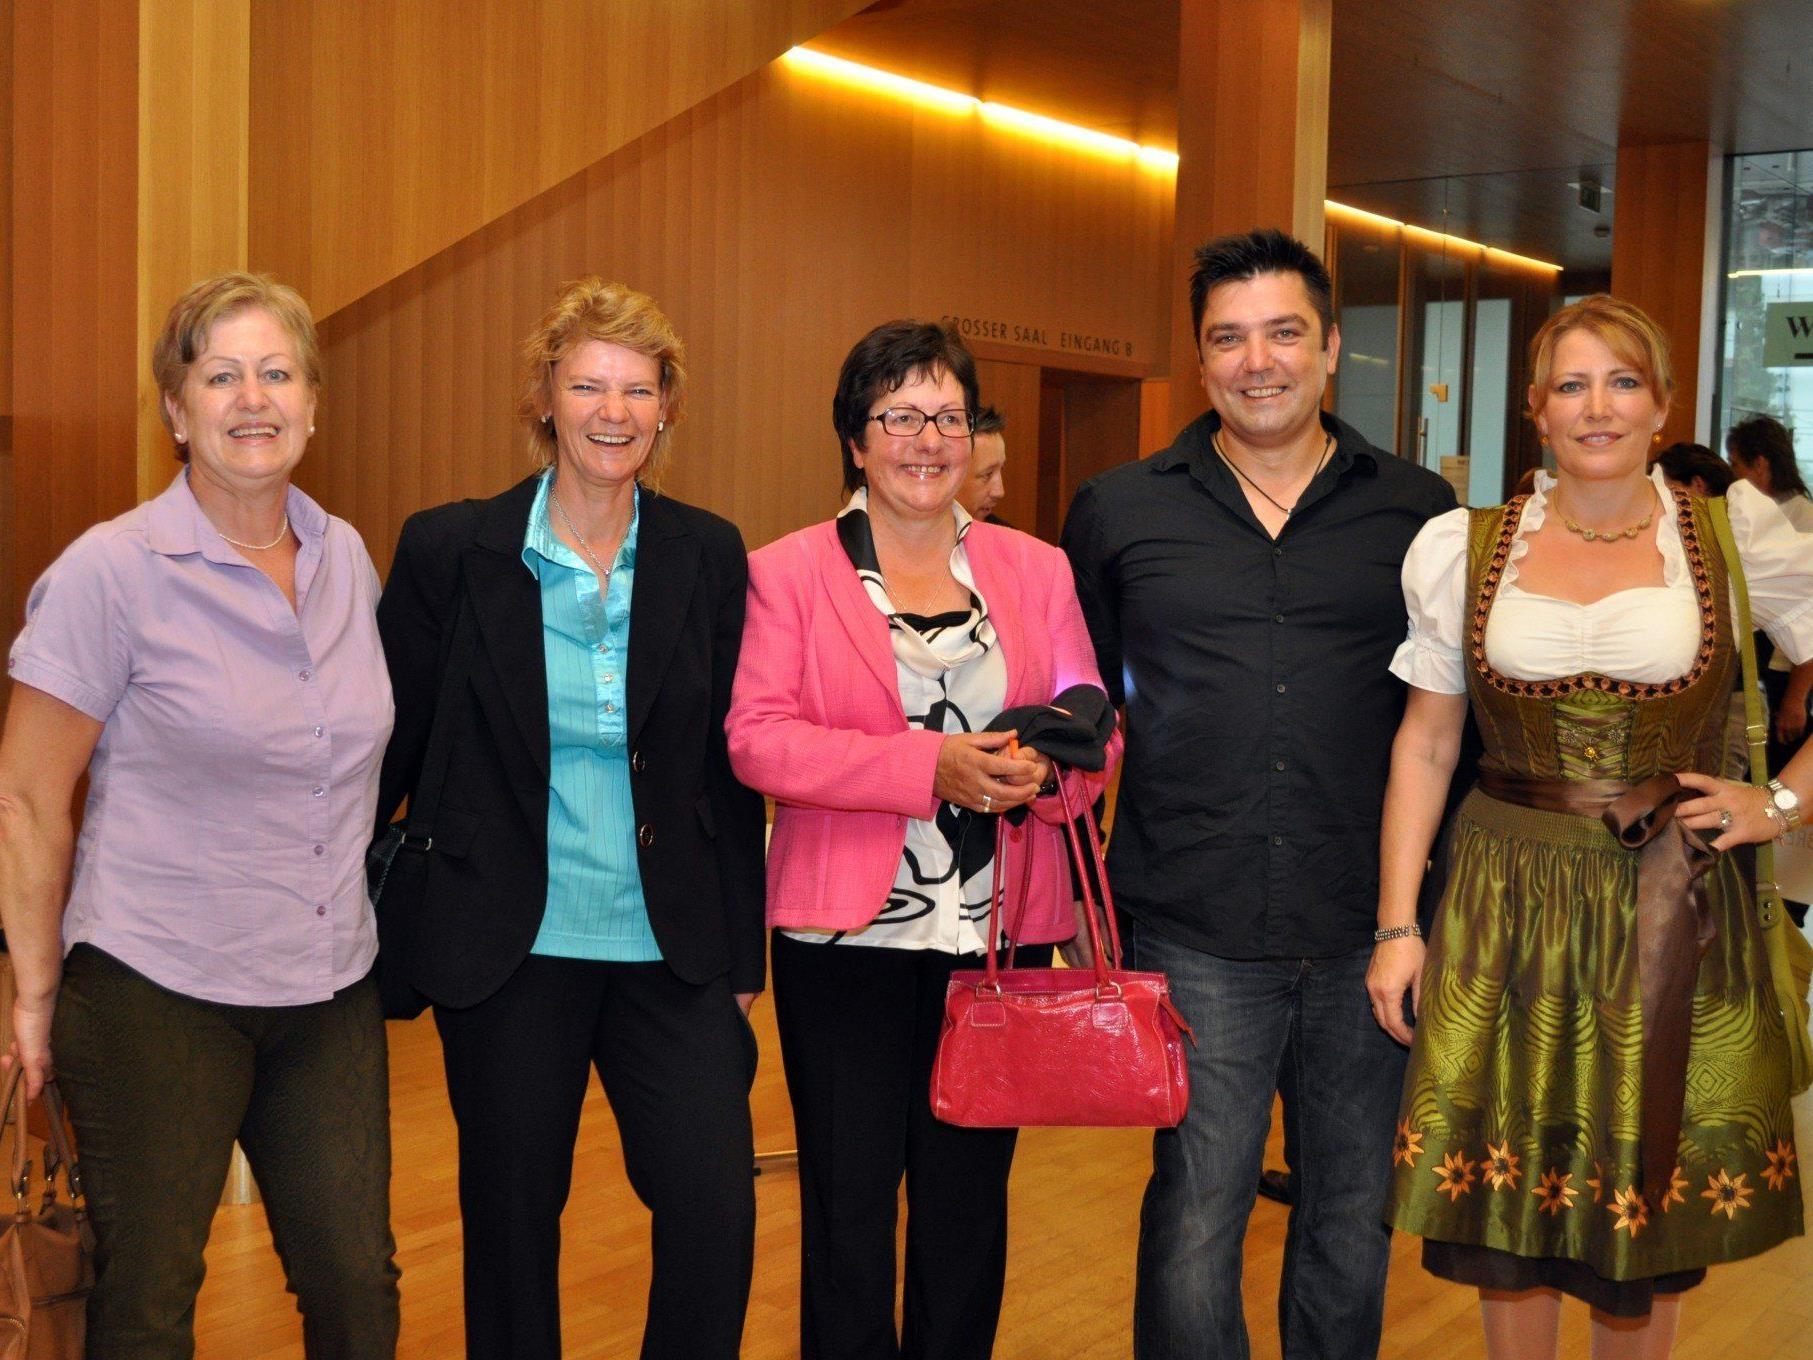 Die VN-Austräger genossen einen unterhaltsamen Abend in der Kulturbühne AMBACH in Götzis.